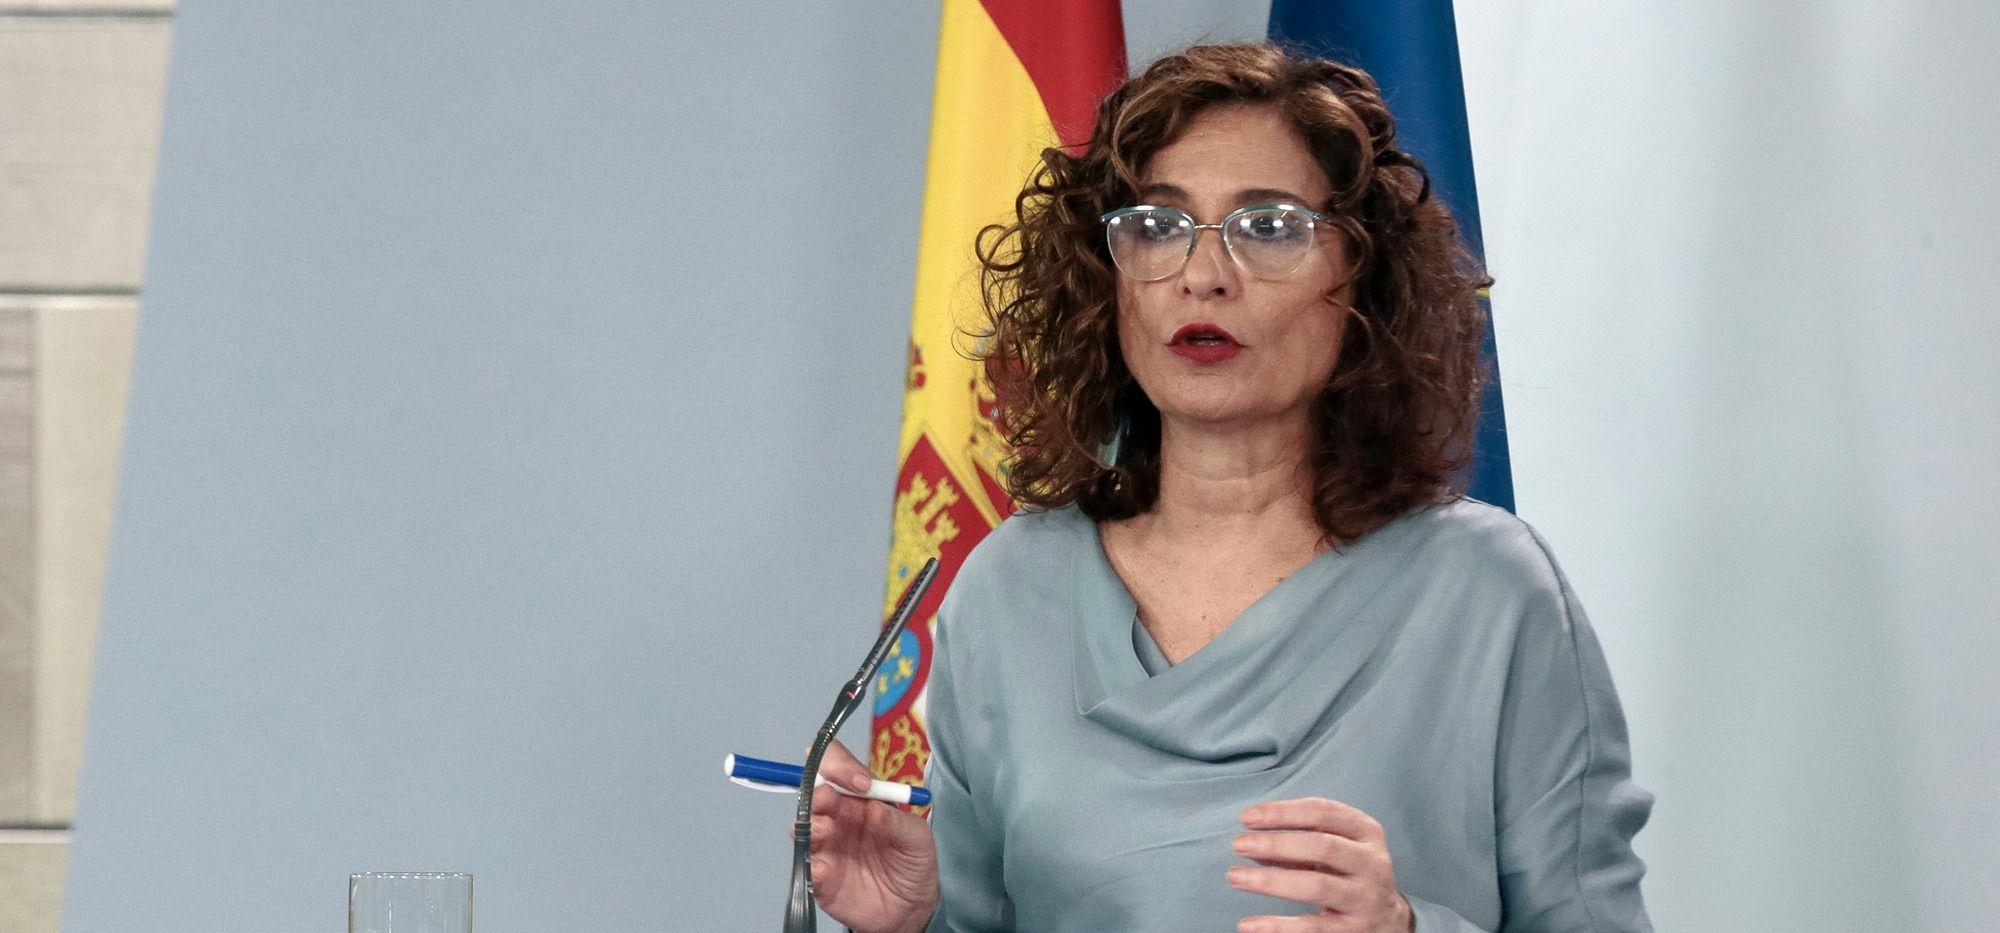 El gobierno central ha movido ficha respecto al Decreto 2/20 que modifica el panorama audiovisual en Andalucía. Lo llevará al Constitucional.